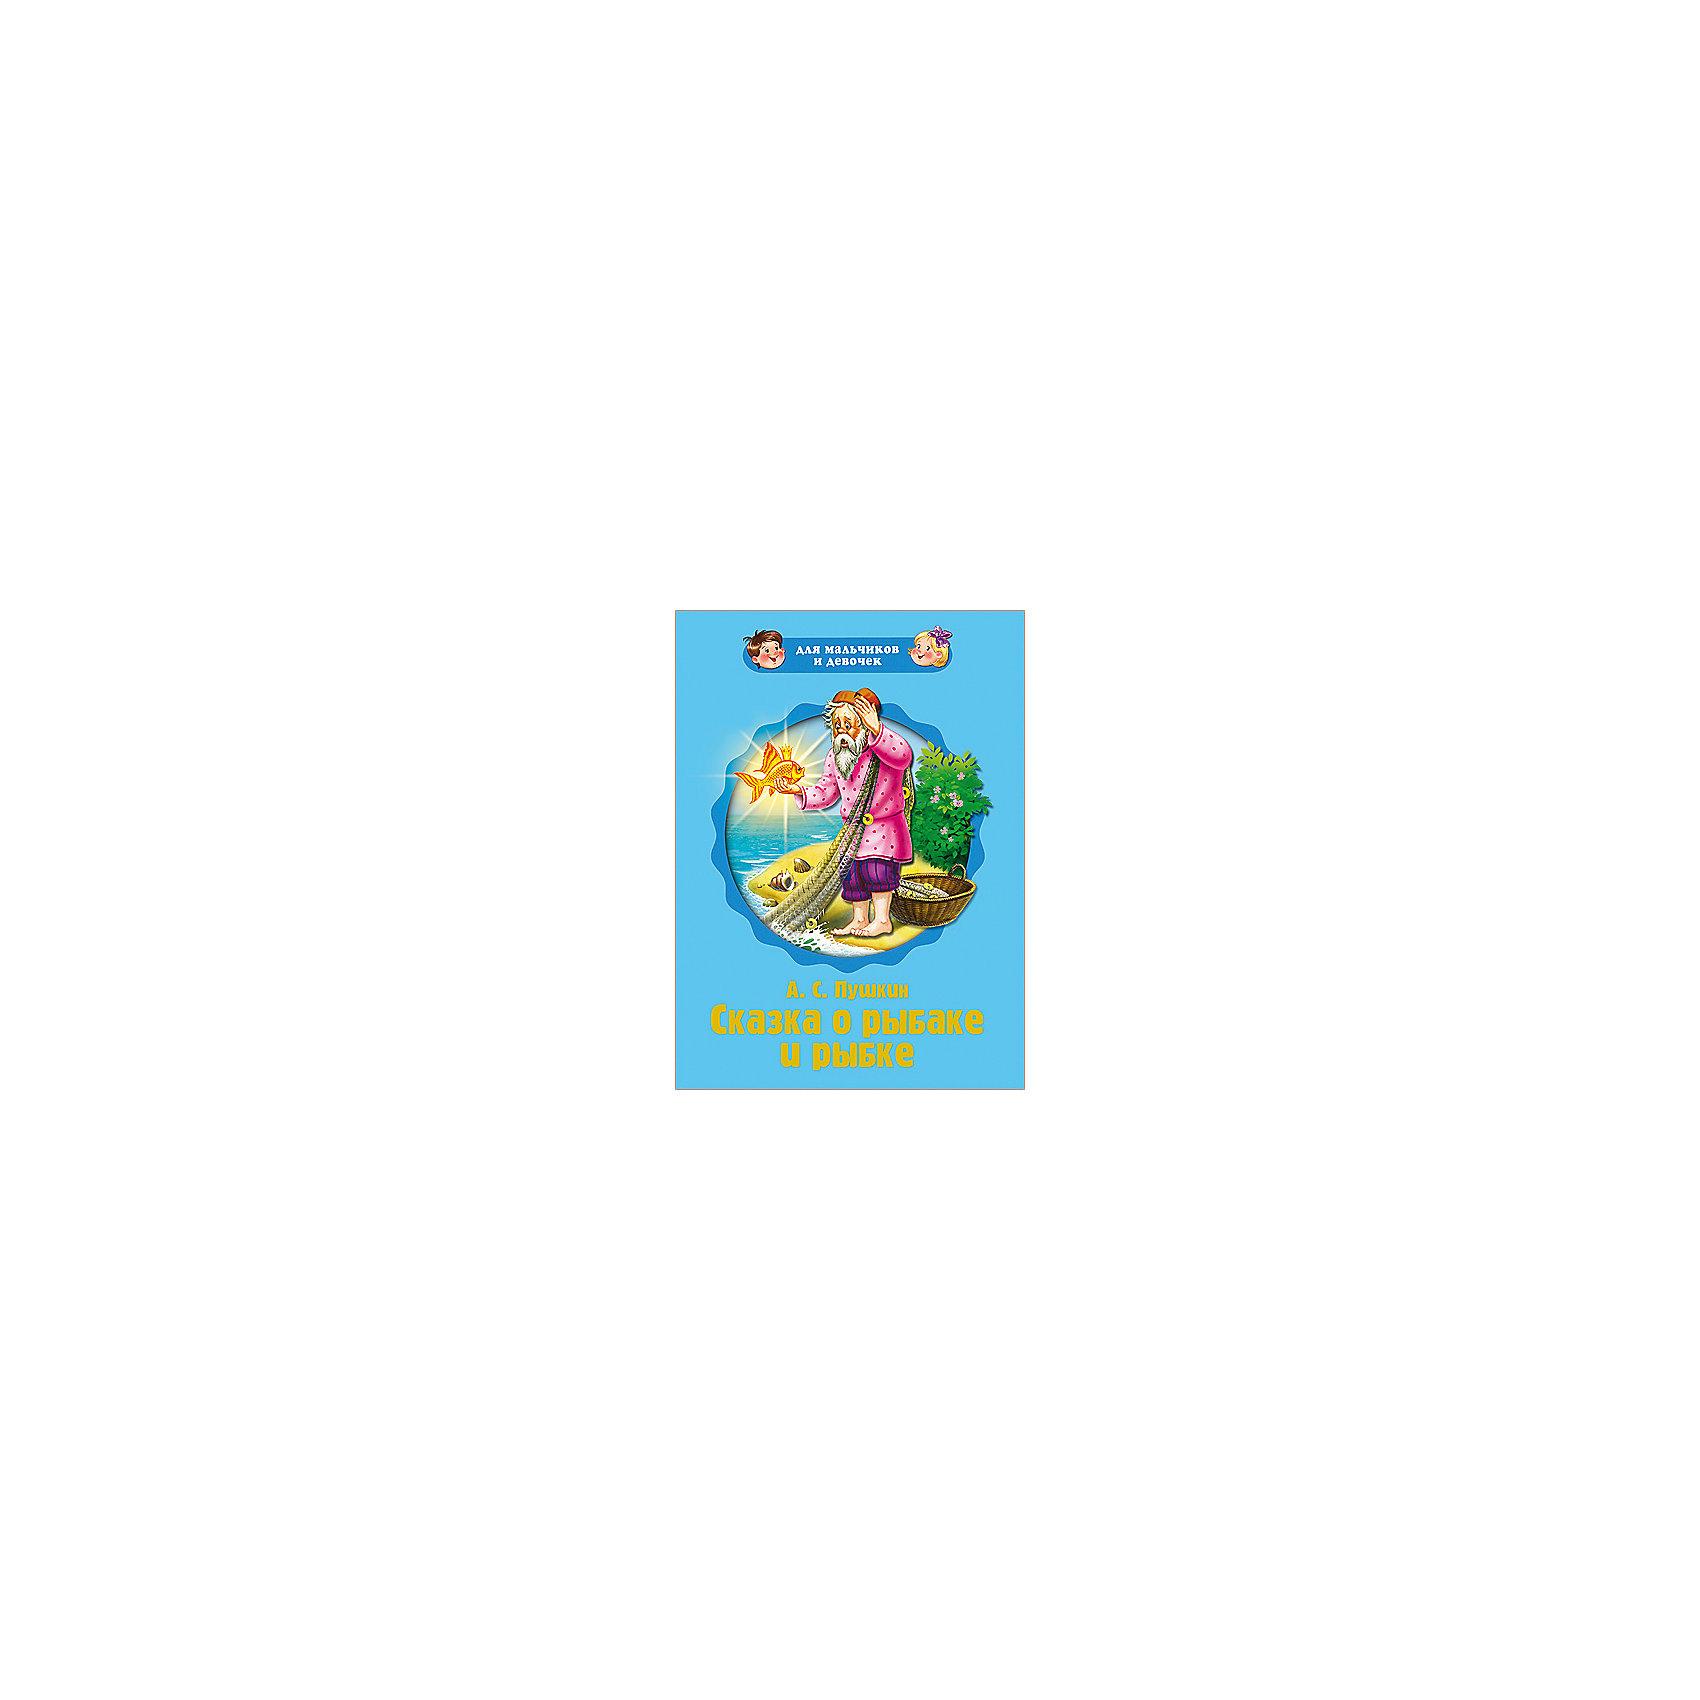 Для мальчиков и девочек. Сказка о рыбаке и рыбкеСказка о рыбаке и рыбке - замечательная книга для маленьких читателей. Красивые иллюстрации, плотная обложка и удобный формат привлекут внимание ребенка, и он с удовольствием будет слушать интересные сказки, перелистывая странички самостоятельно. Подарите ребенку радость чтения!<br>Дополнительная информация:<br>Издательство: Проф-Пресс<br>Год выпуска: 2016<br>Серия: Книжки на картоне Для мальчиков и девочек<br>Обложка: твердый переплет<br>Иллюстрации: цветные<br>Количество страниц: 10<br>ISBN:978-5-378-21216-3<br>Размер: 19х1,2х16,5 см<br>Вес: 285 грамм<br>Книгу Сказка о рыбаке и рыбке можно приобрести в нашем интернет-магазине.<br><br>Ширина мм: 165<br>Глубина мм: 12<br>Высота мм: 190<br>Вес г: 285<br>Возраст от месяцев: 0<br>Возраст до месяцев: 36<br>Пол: Унисекс<br>Возраст: Детский<br>SKU: 4905905